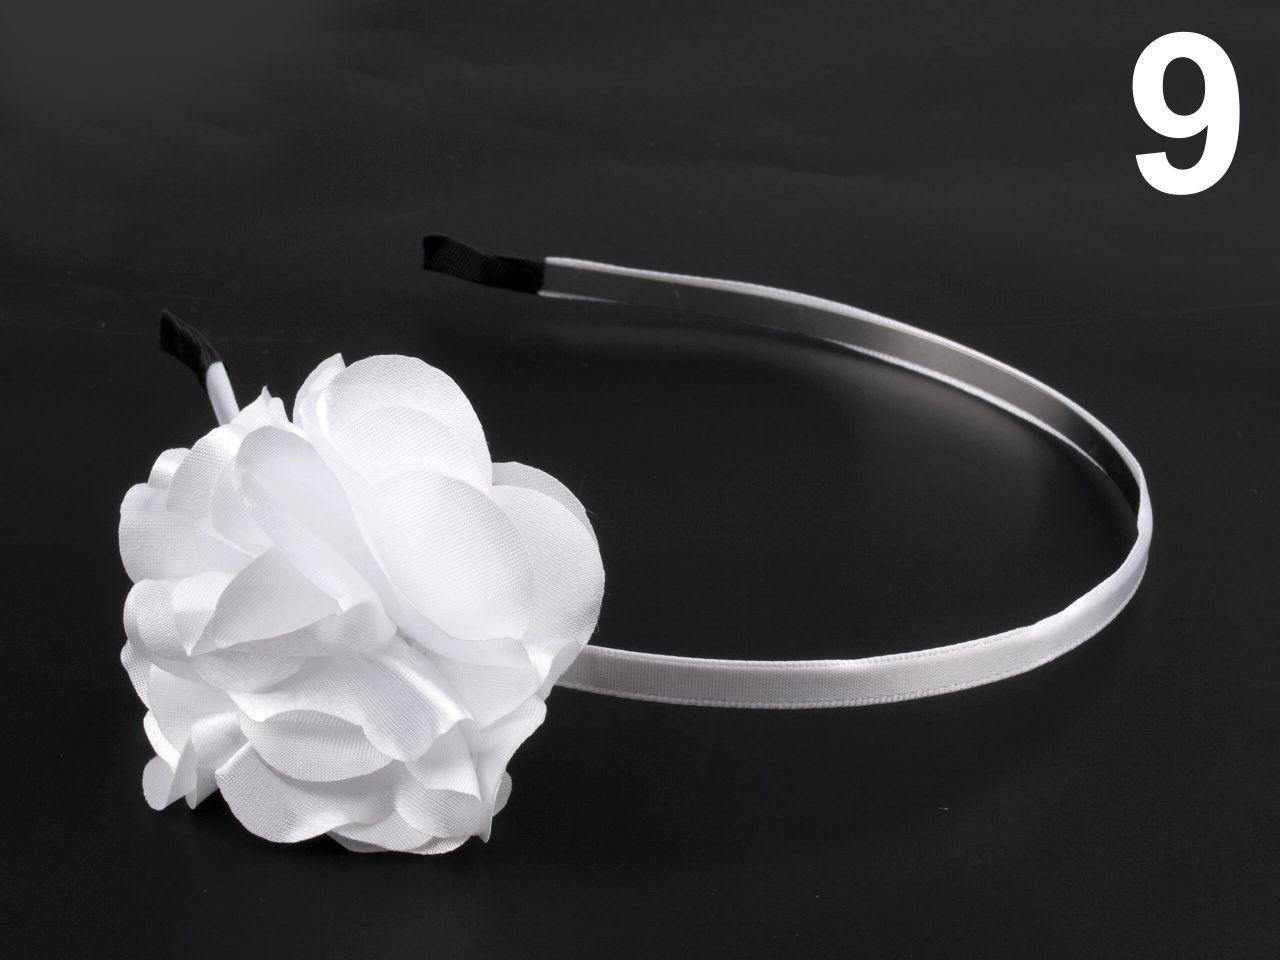 Čelenka kovová s květem Ø 50mm 1ks - 57 Kč / ks 9 bílá sněžná